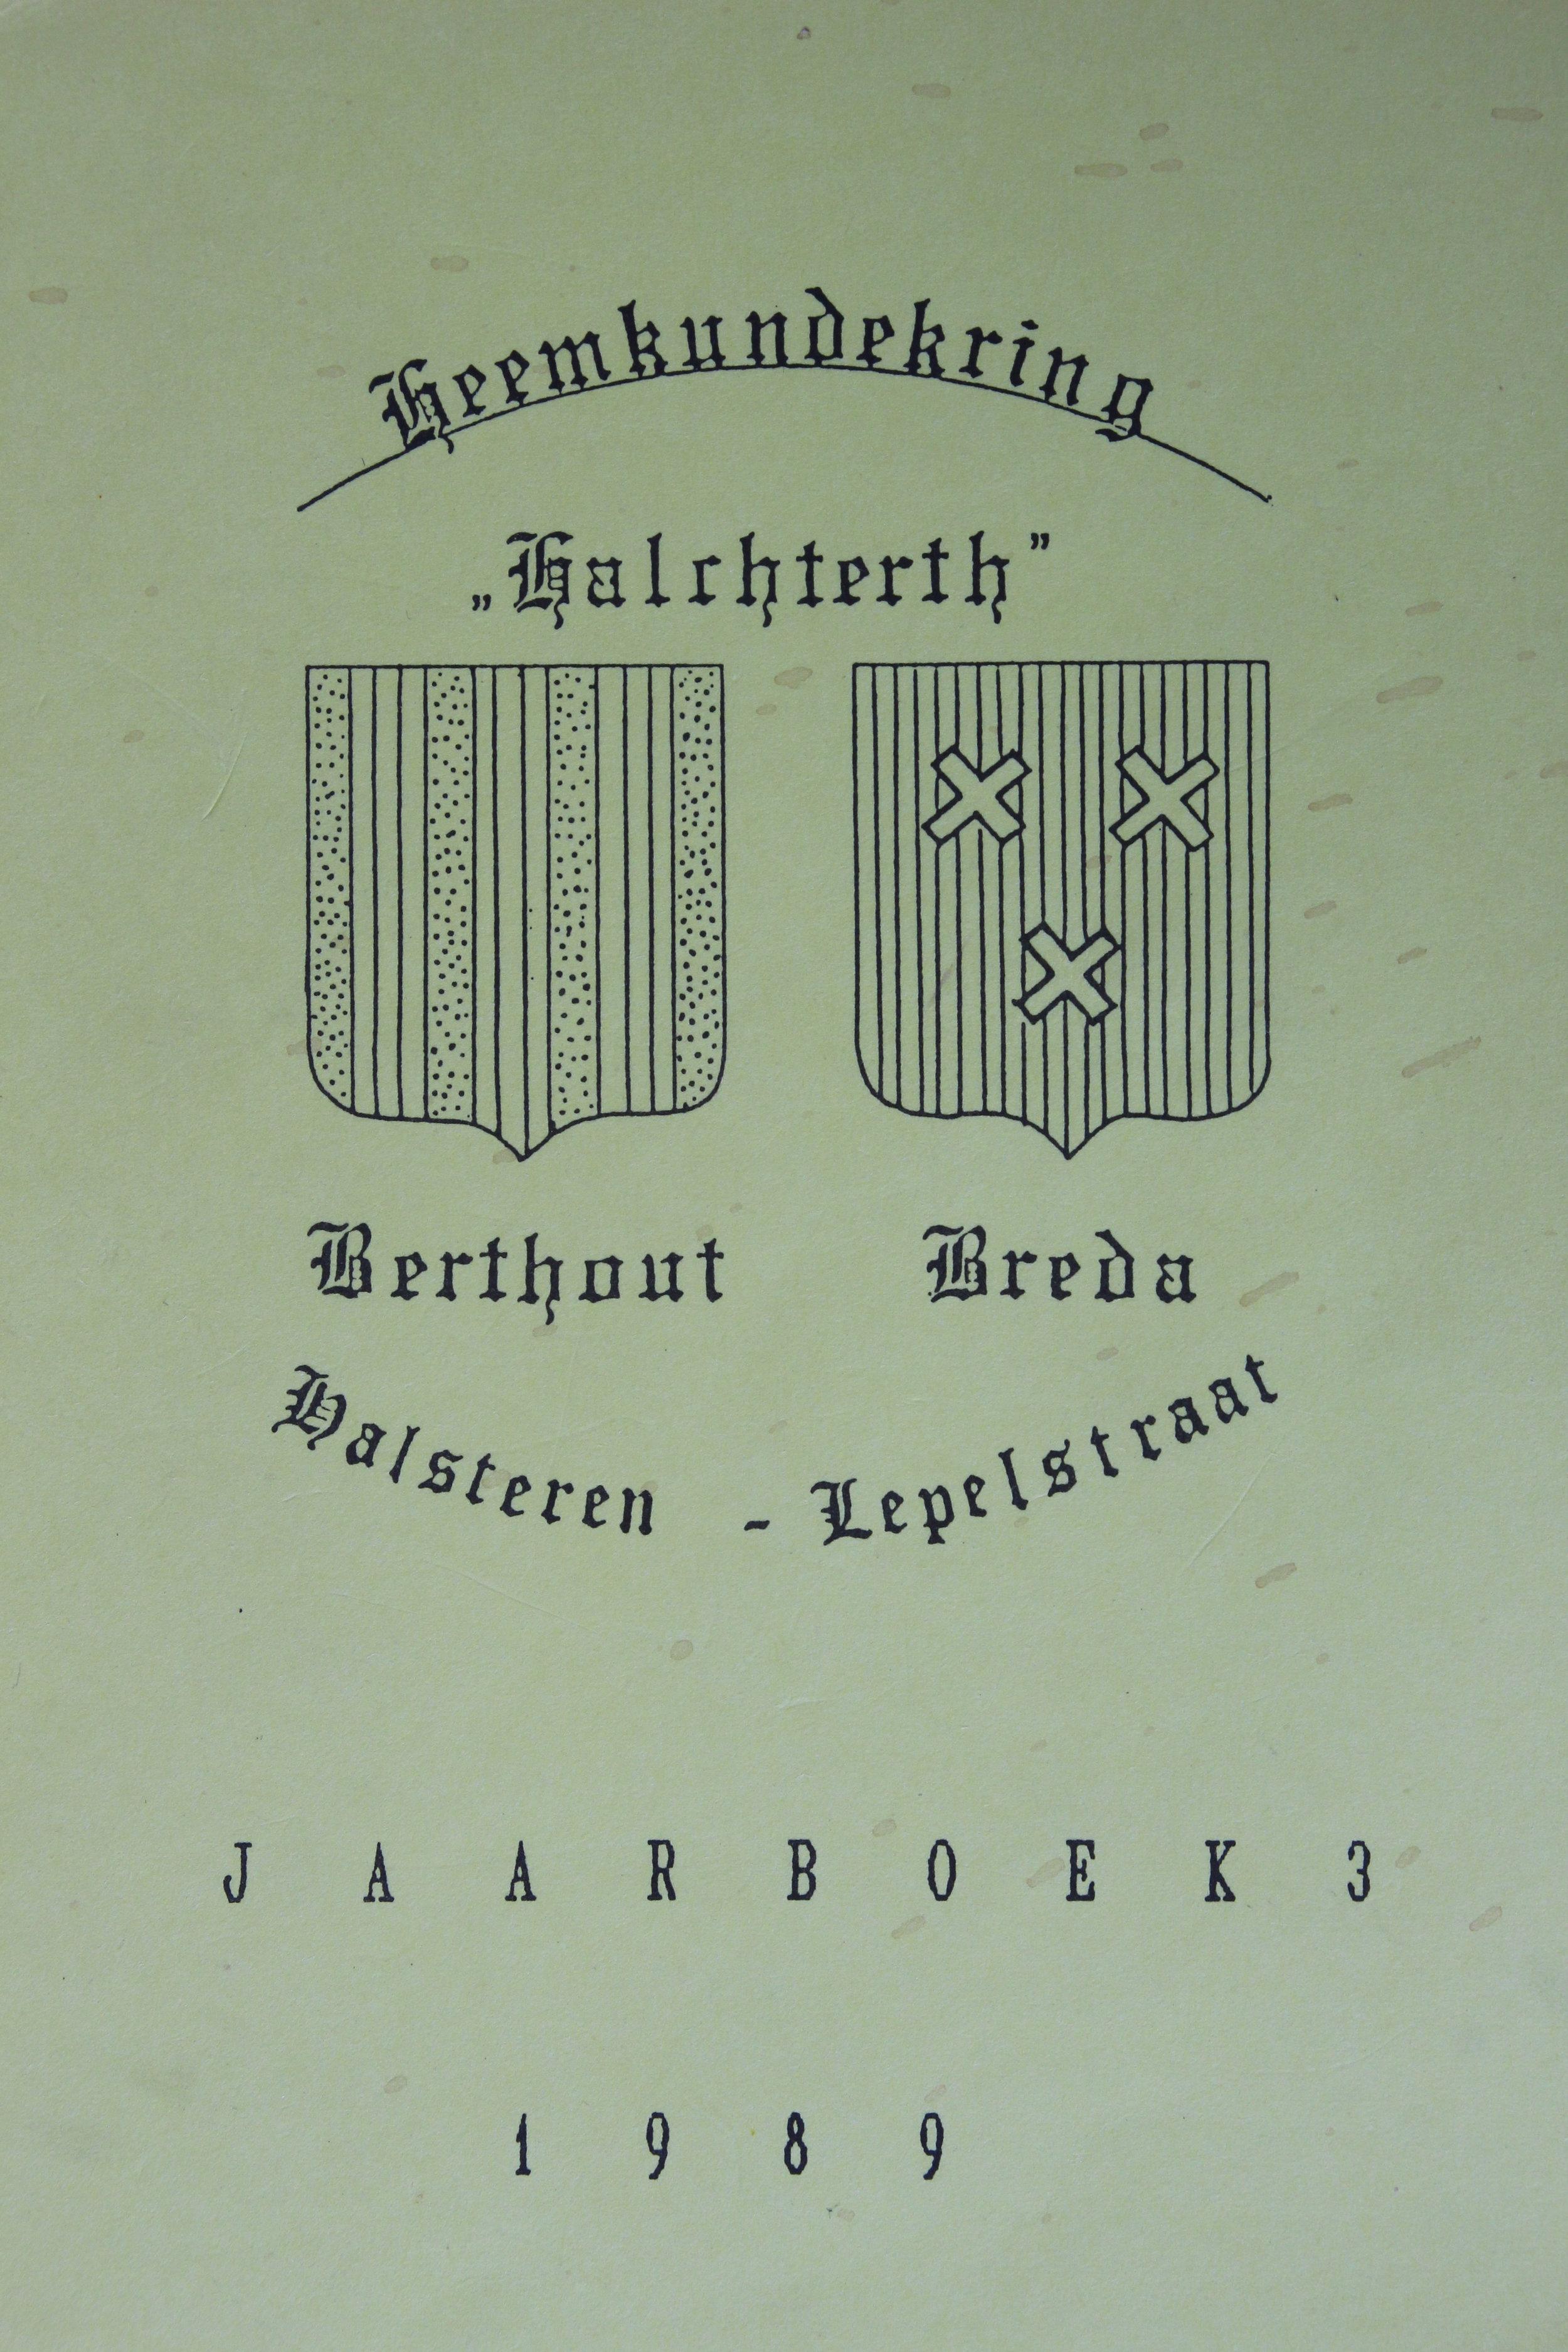 Jaarboek 1989